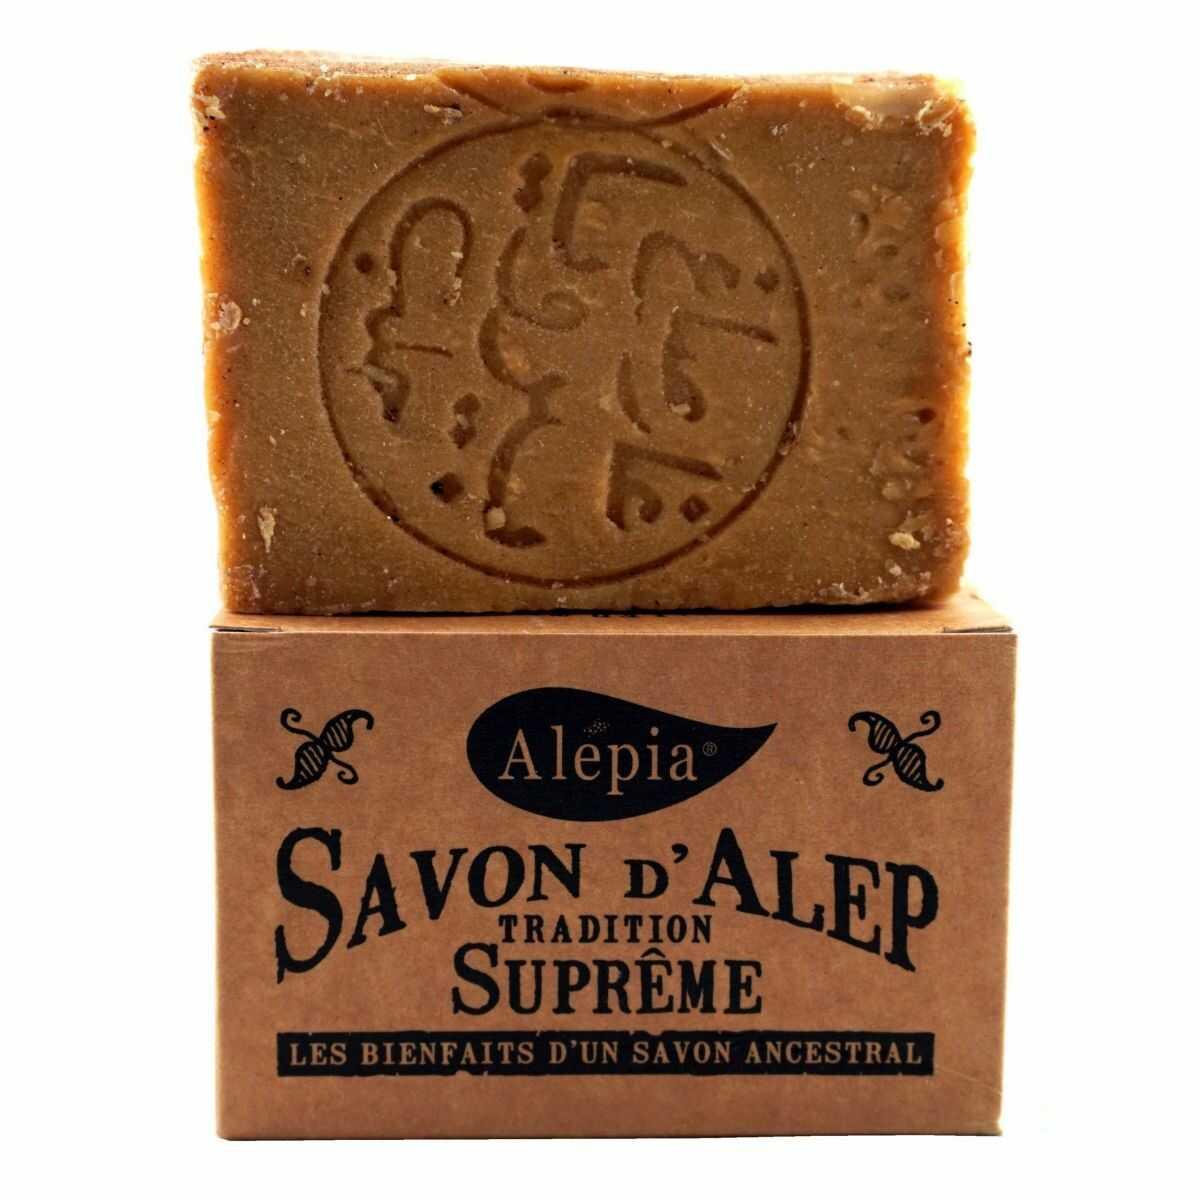 Mydło z Aleppo Supreme o zawartości 1% oleju laurowego - 190g - Alepia